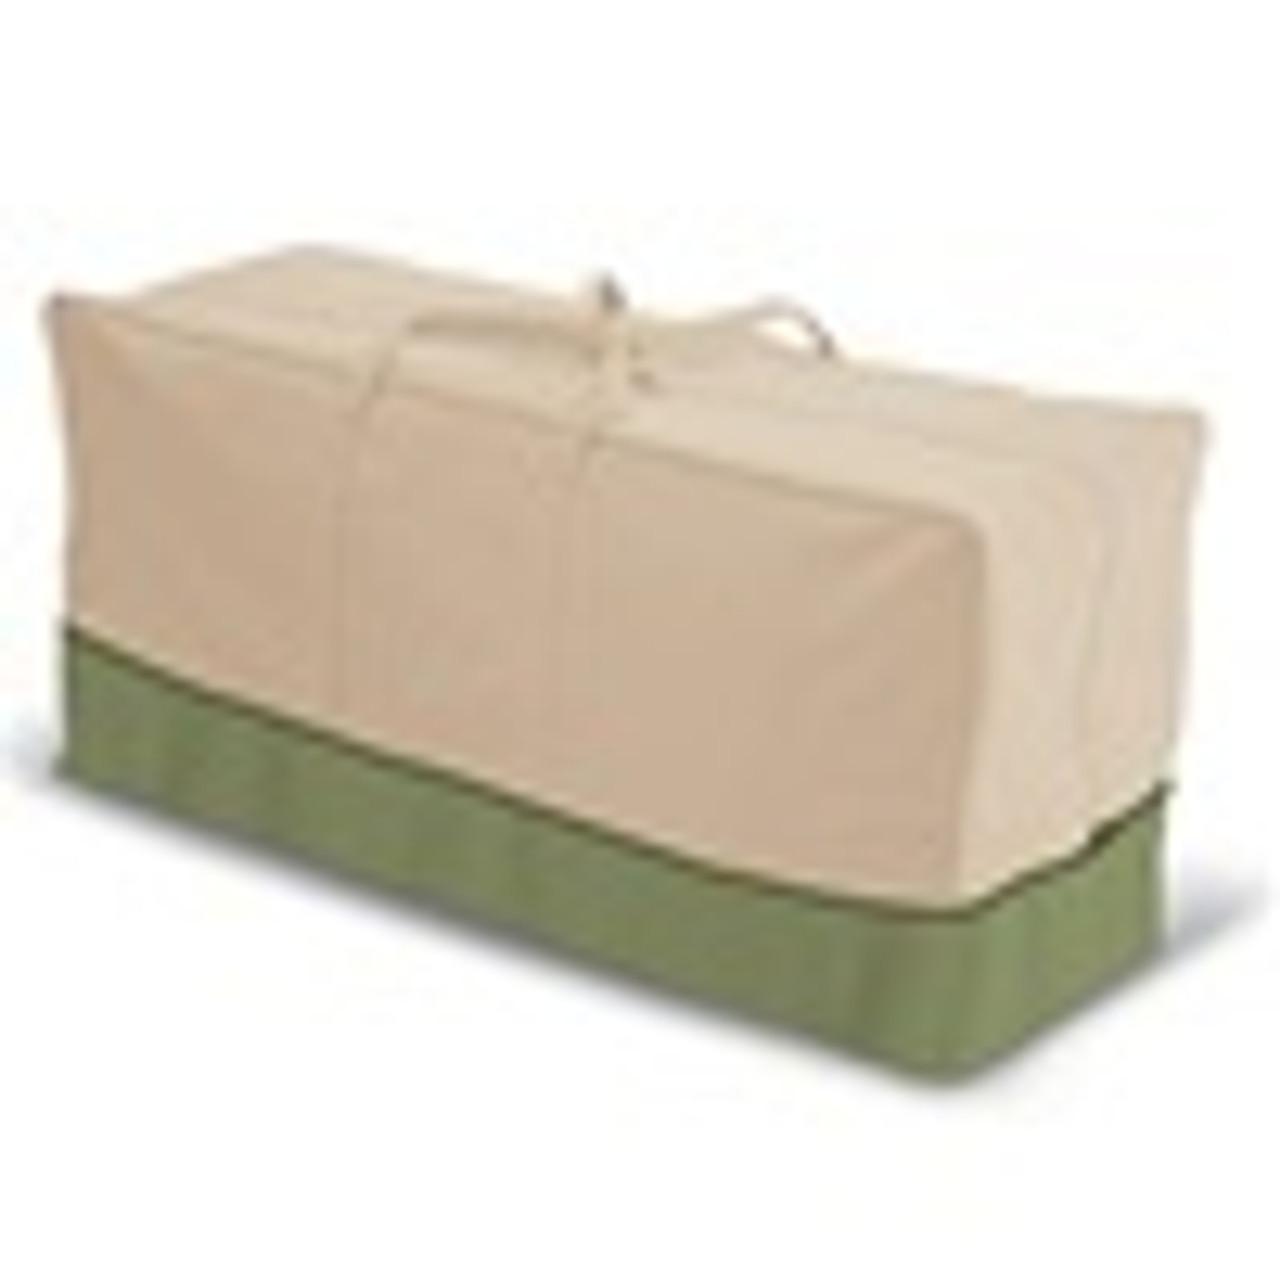 Patio Cushion Cover